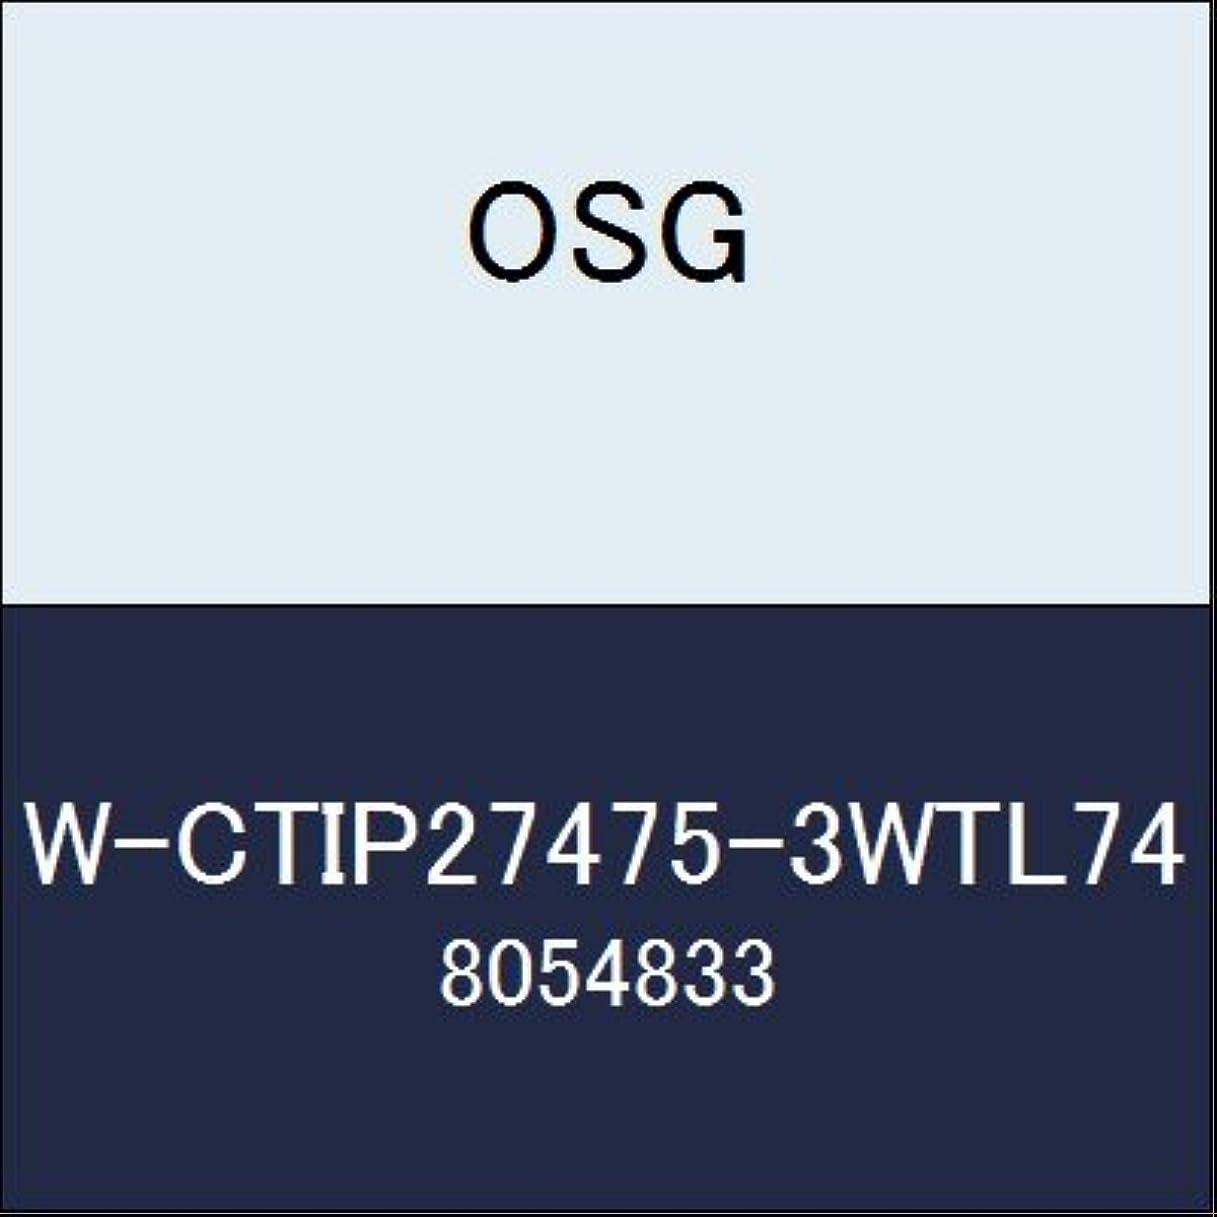 コンサート持つマナーOSG チップ W-CTIP27475-3WTL74 商品番号 8054833